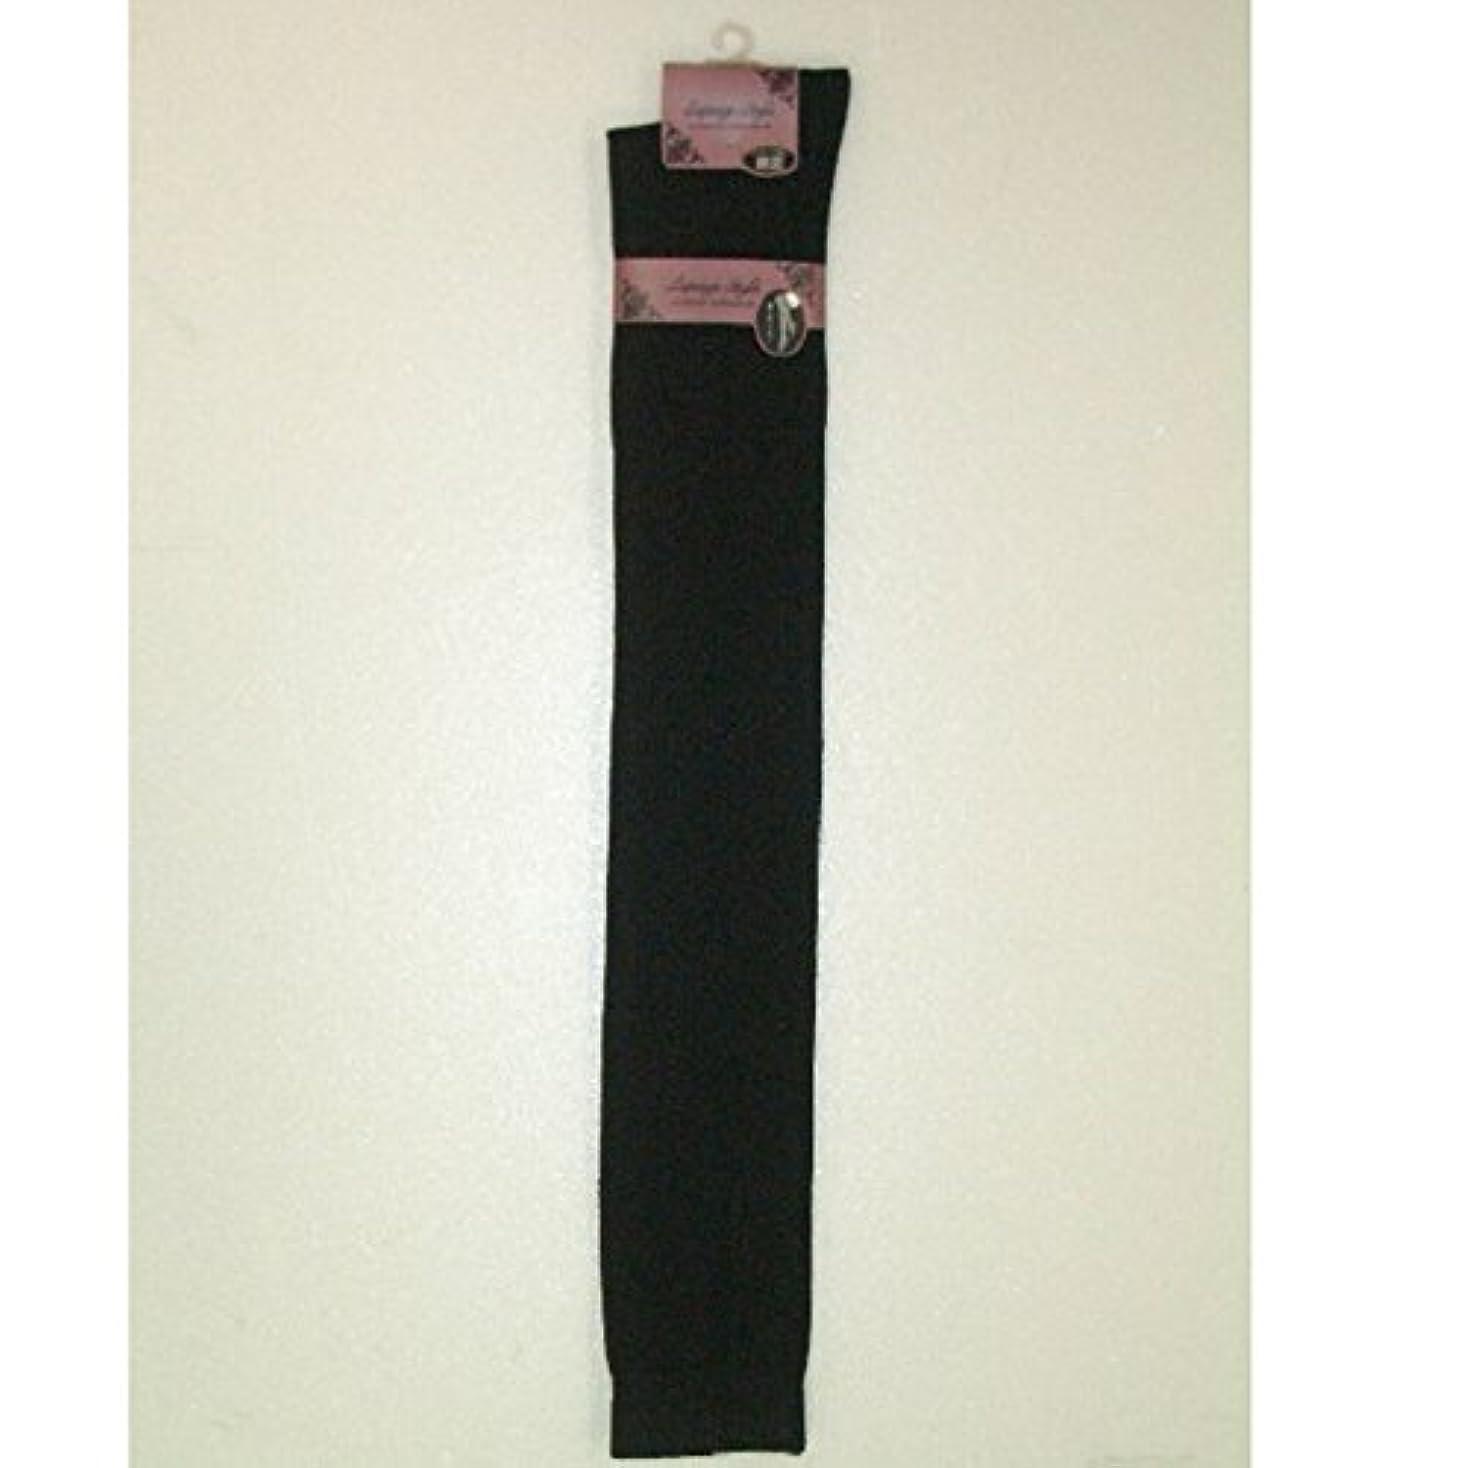 ソーススペース強調オーバーニーソックス 綿混 黒無地 平編み 丈約53cm ハイソックス 23-25cm 5足セット(黒色)